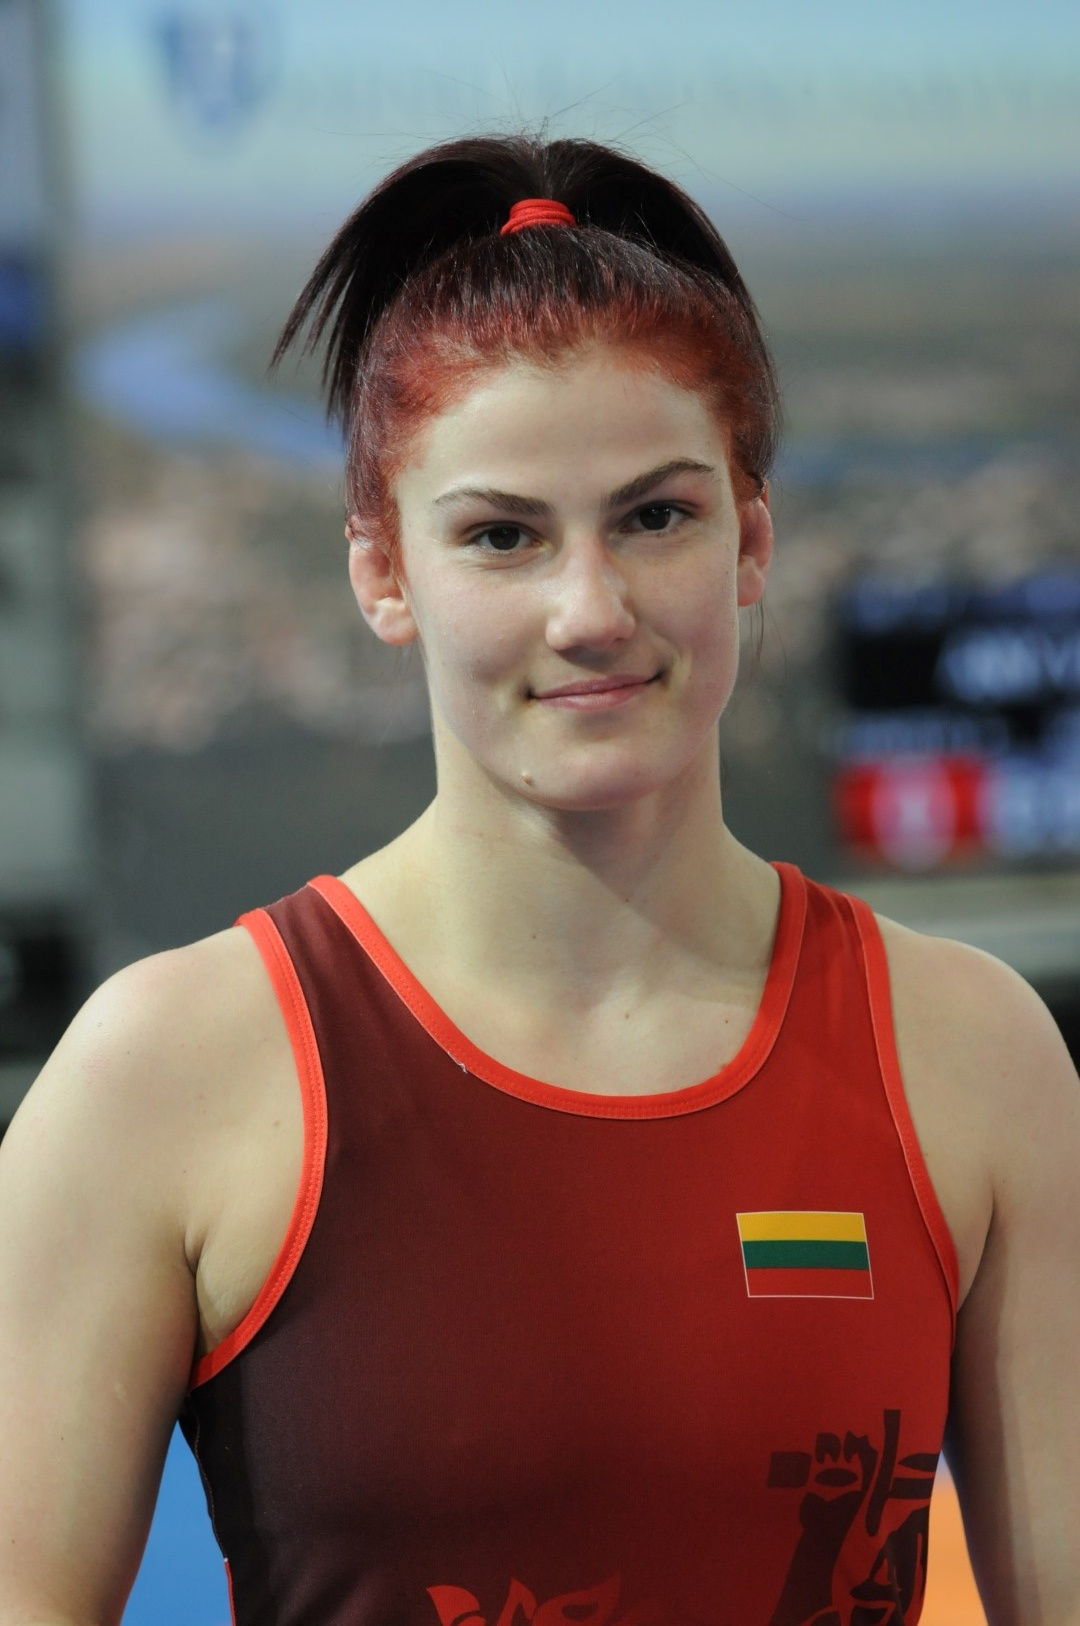 Europos čempionate E.Venckaitis sieks bronzos; estafetę perima moterų imtynių turnyras